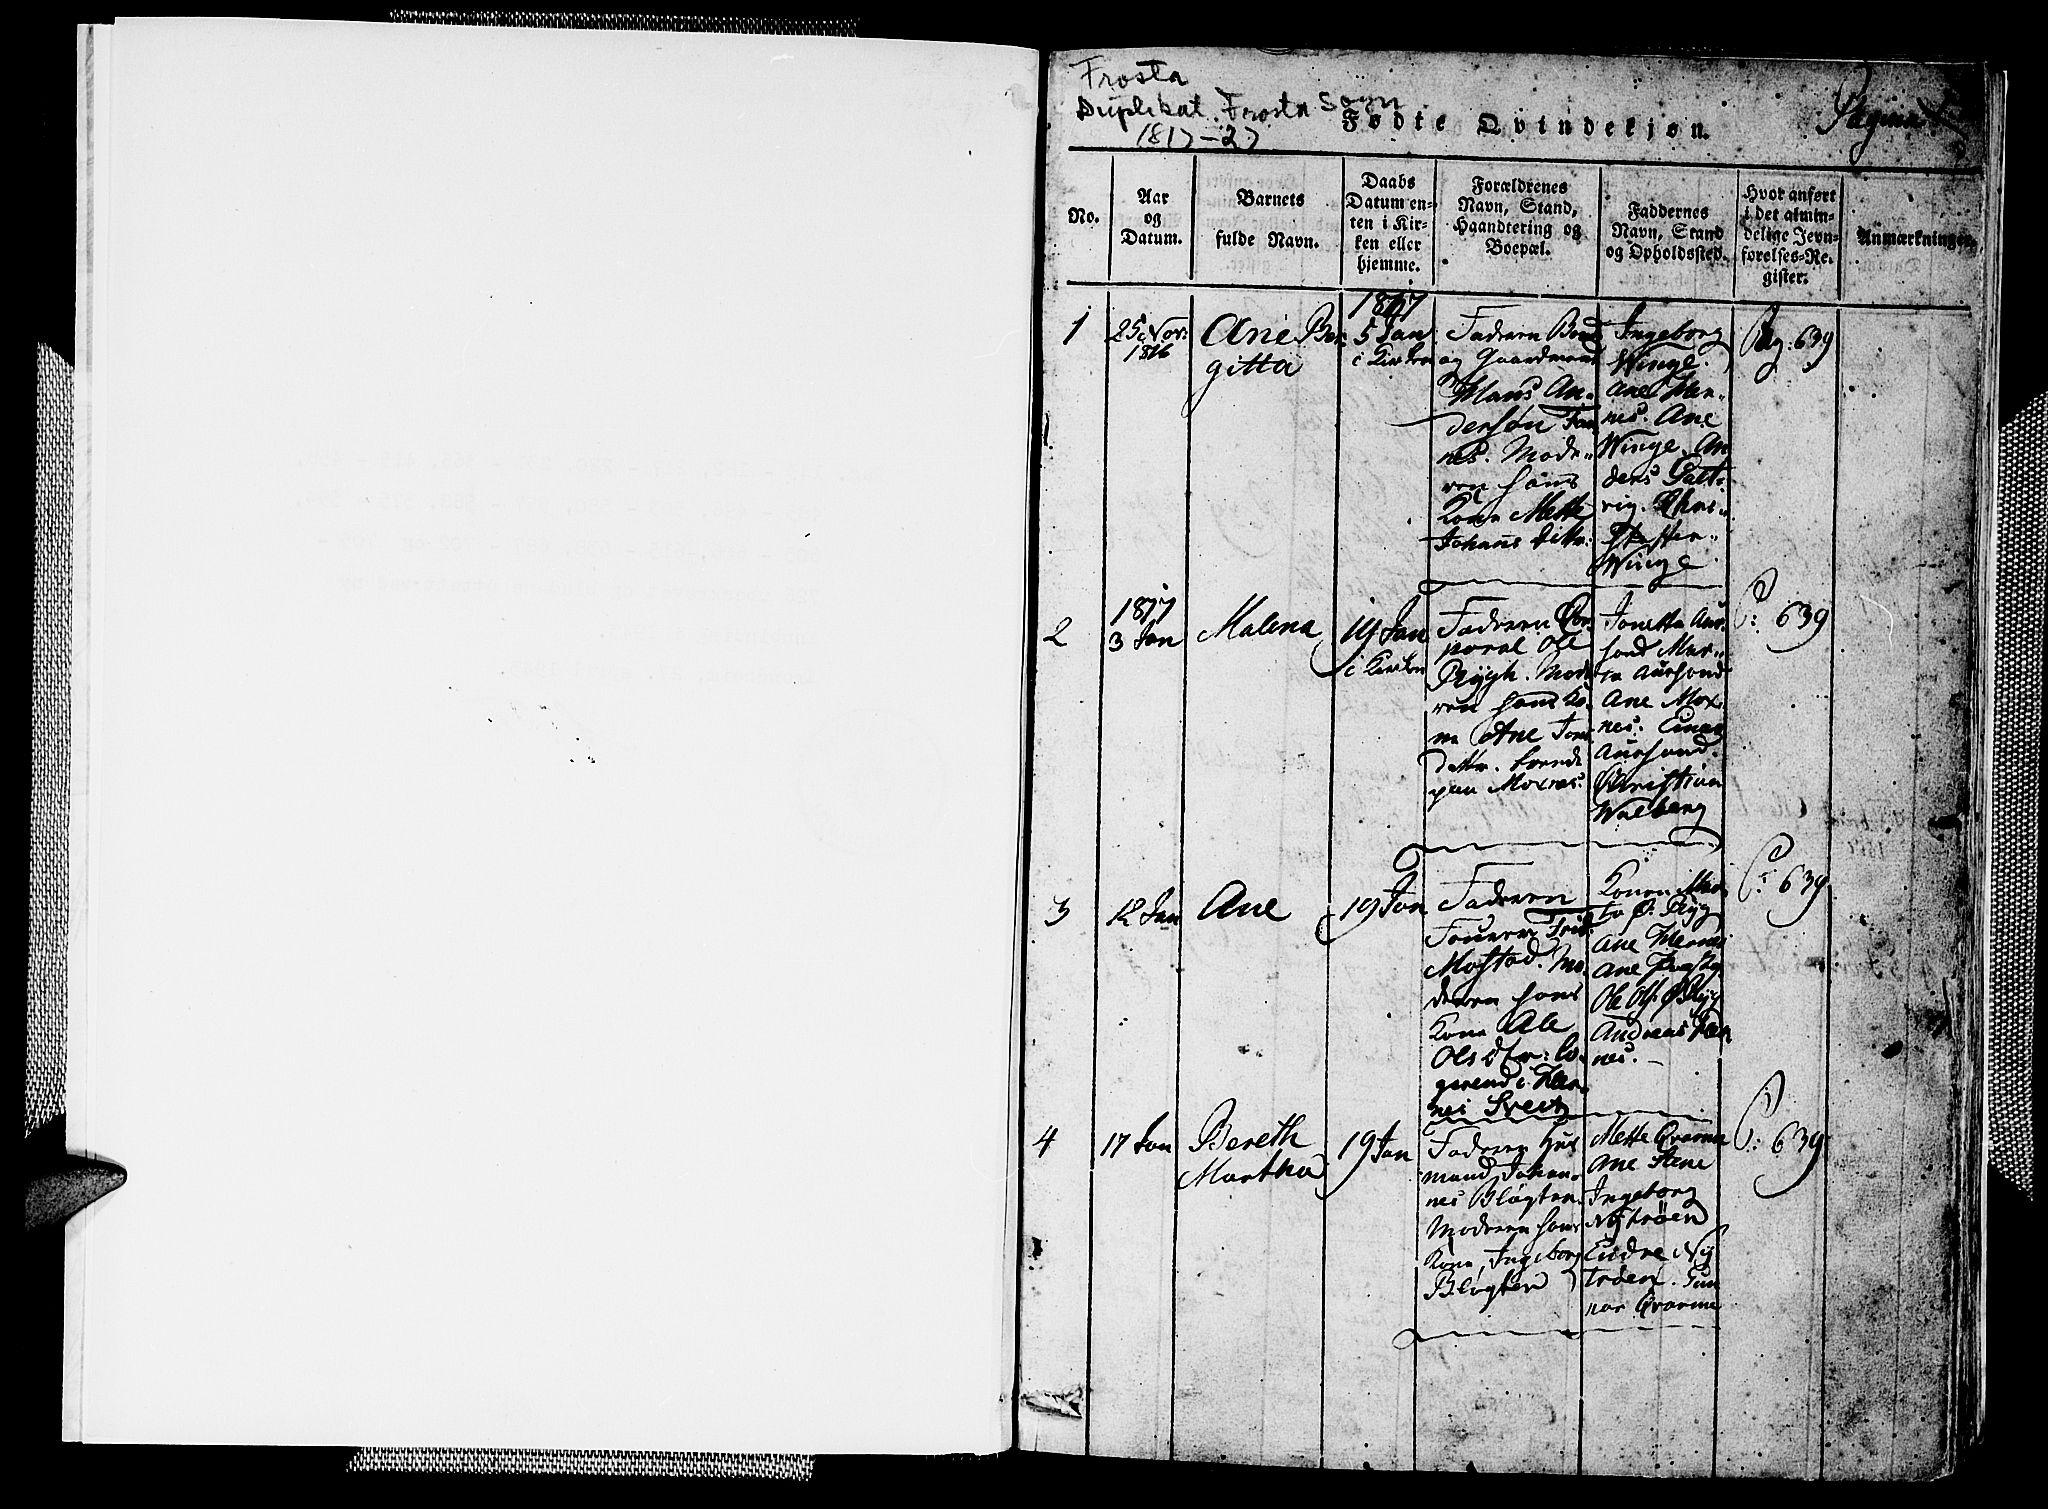 SAT, Ministerialprotokoller, klokkerbøker og fødselsregistre - Nord-Trøndelag, 713/L0124: Klokkerbok nr. 713C01, 1817-1827, s. 0-1